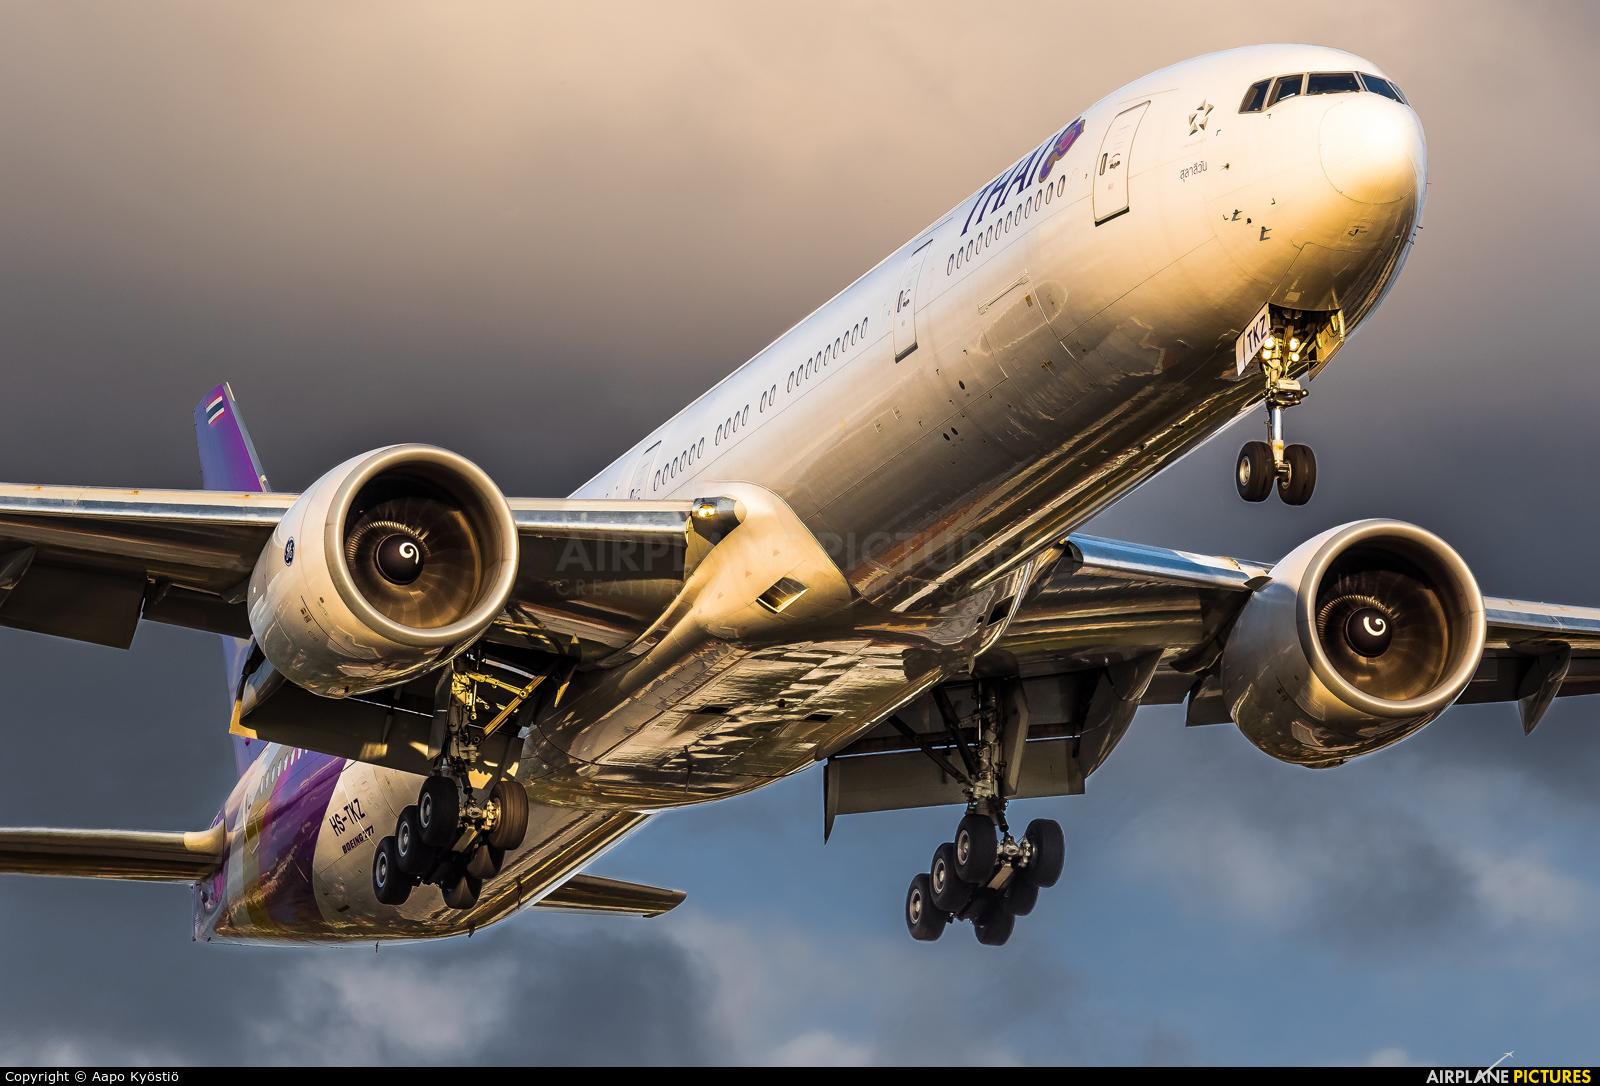 Thai Airways HS-TKZ aircraft at London - Heathrow